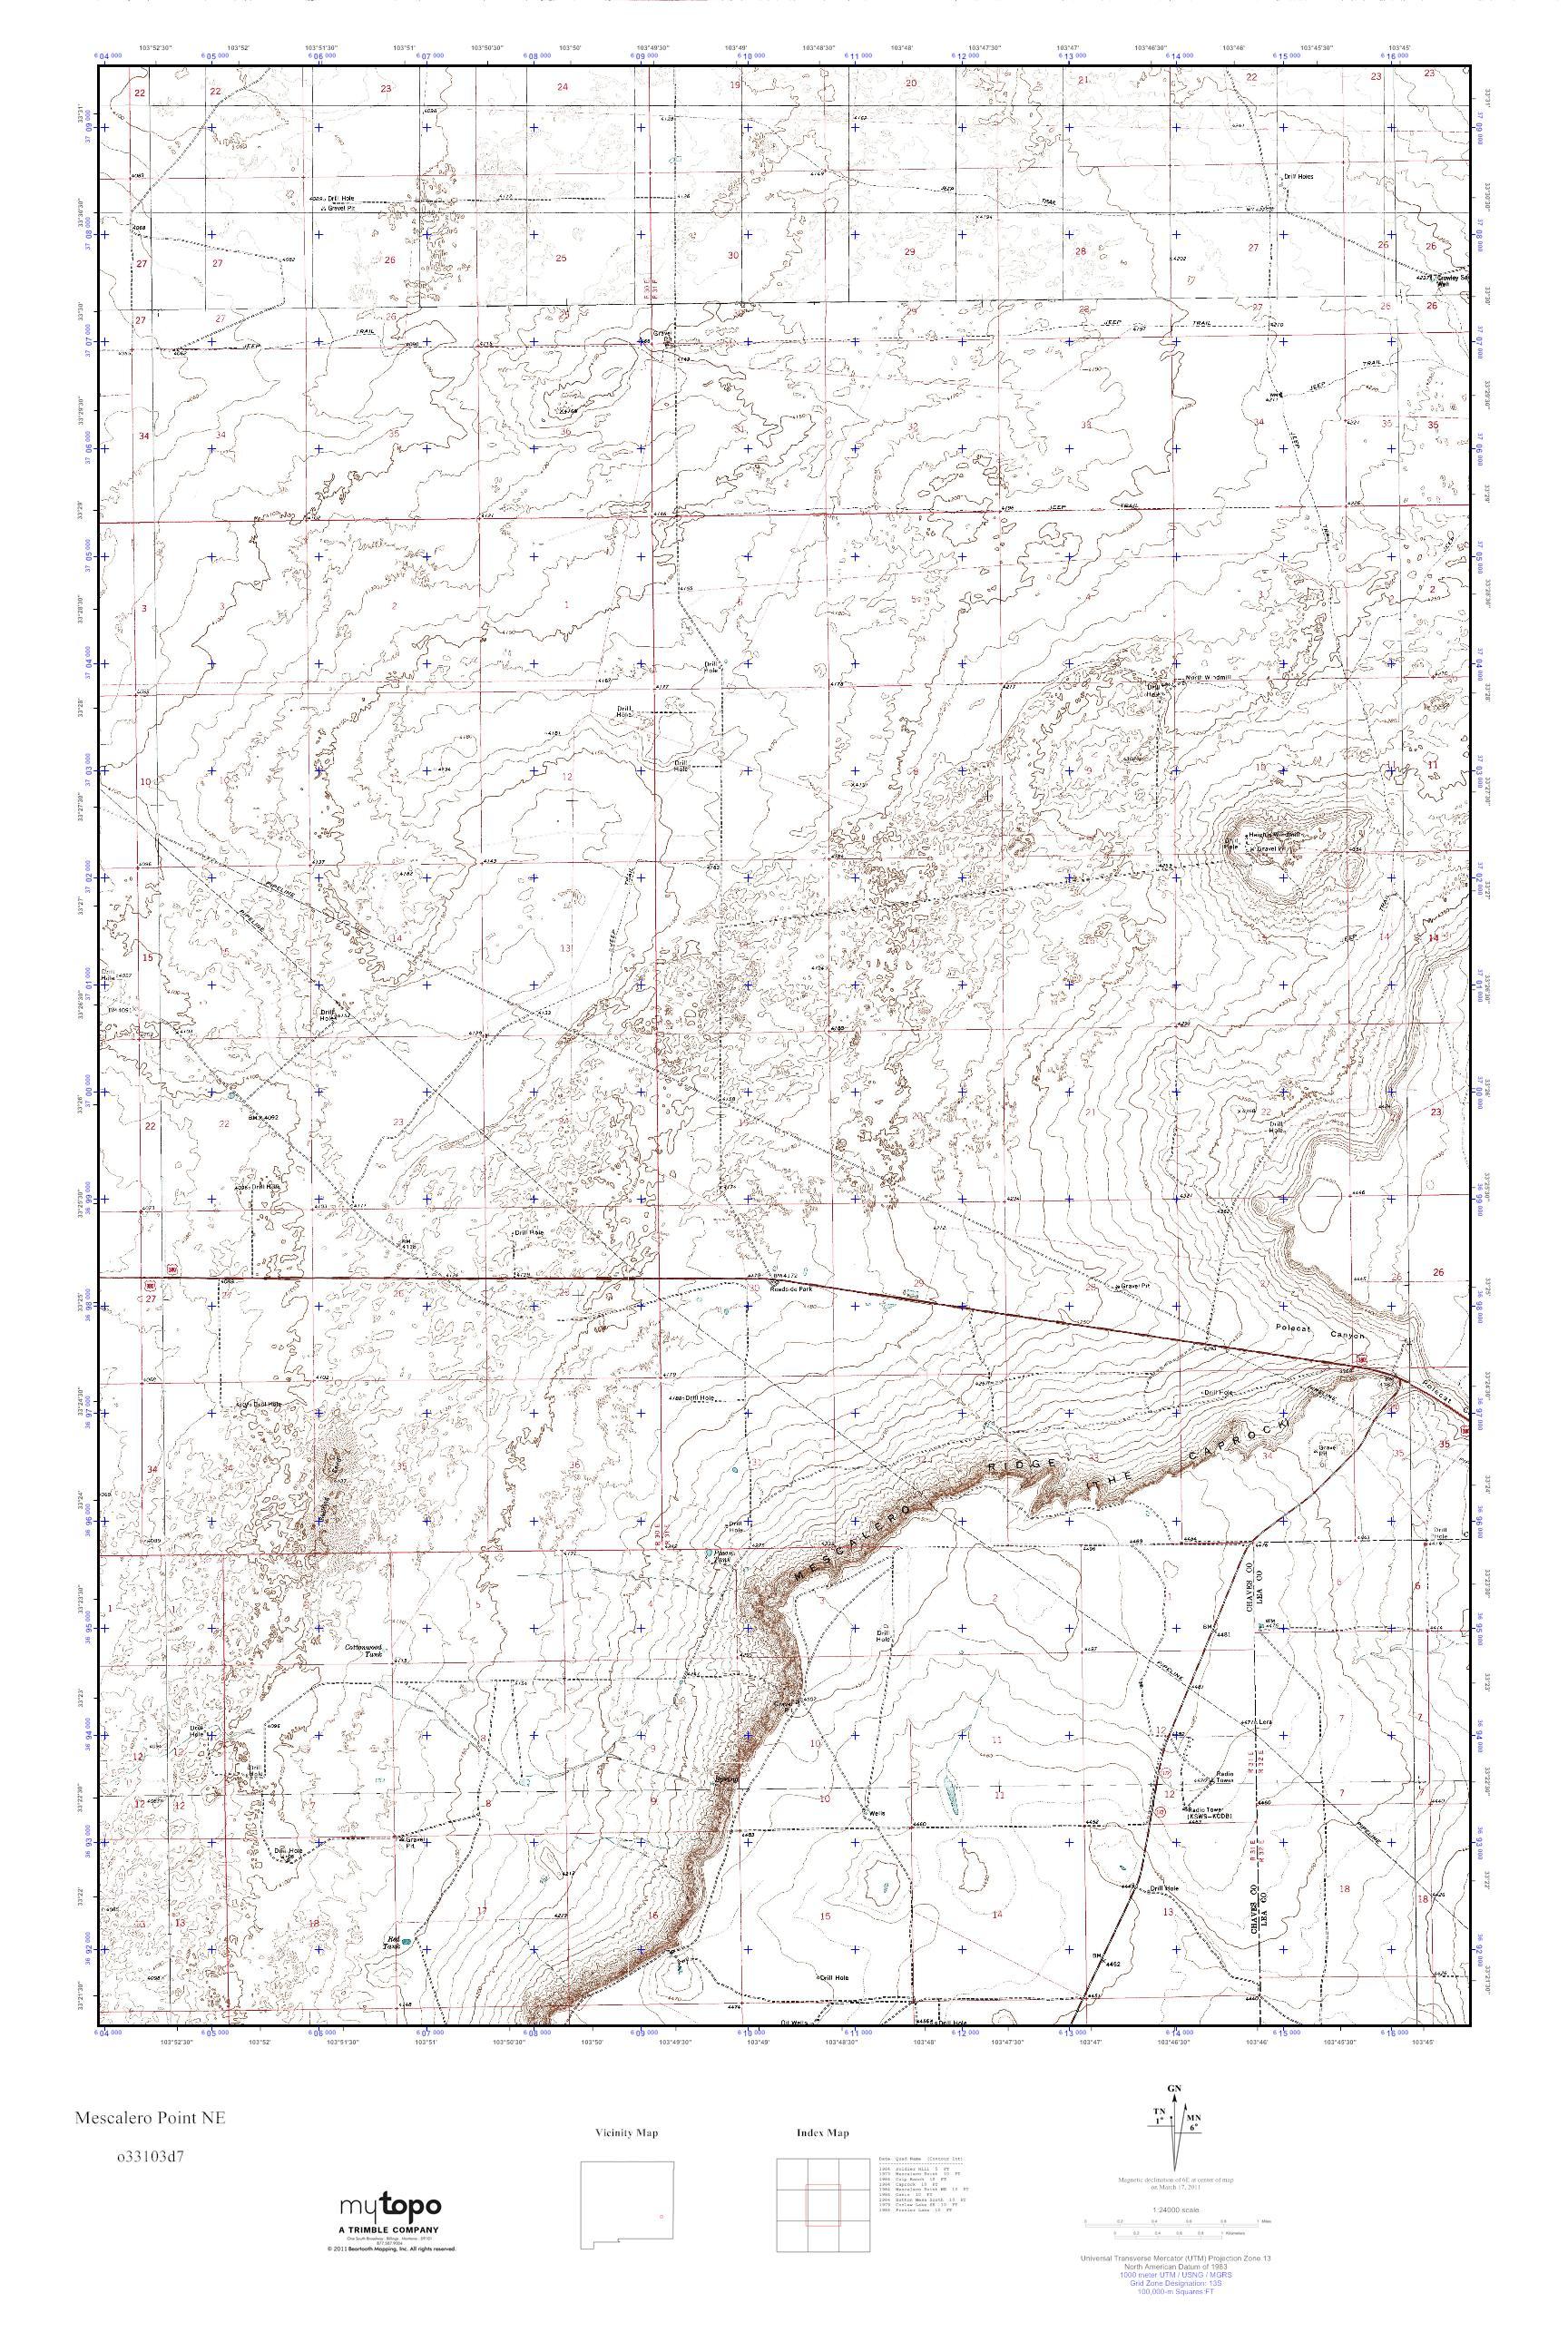 MyTopo Mescalero Point NE, New Mexico USGS Quad Topo Map